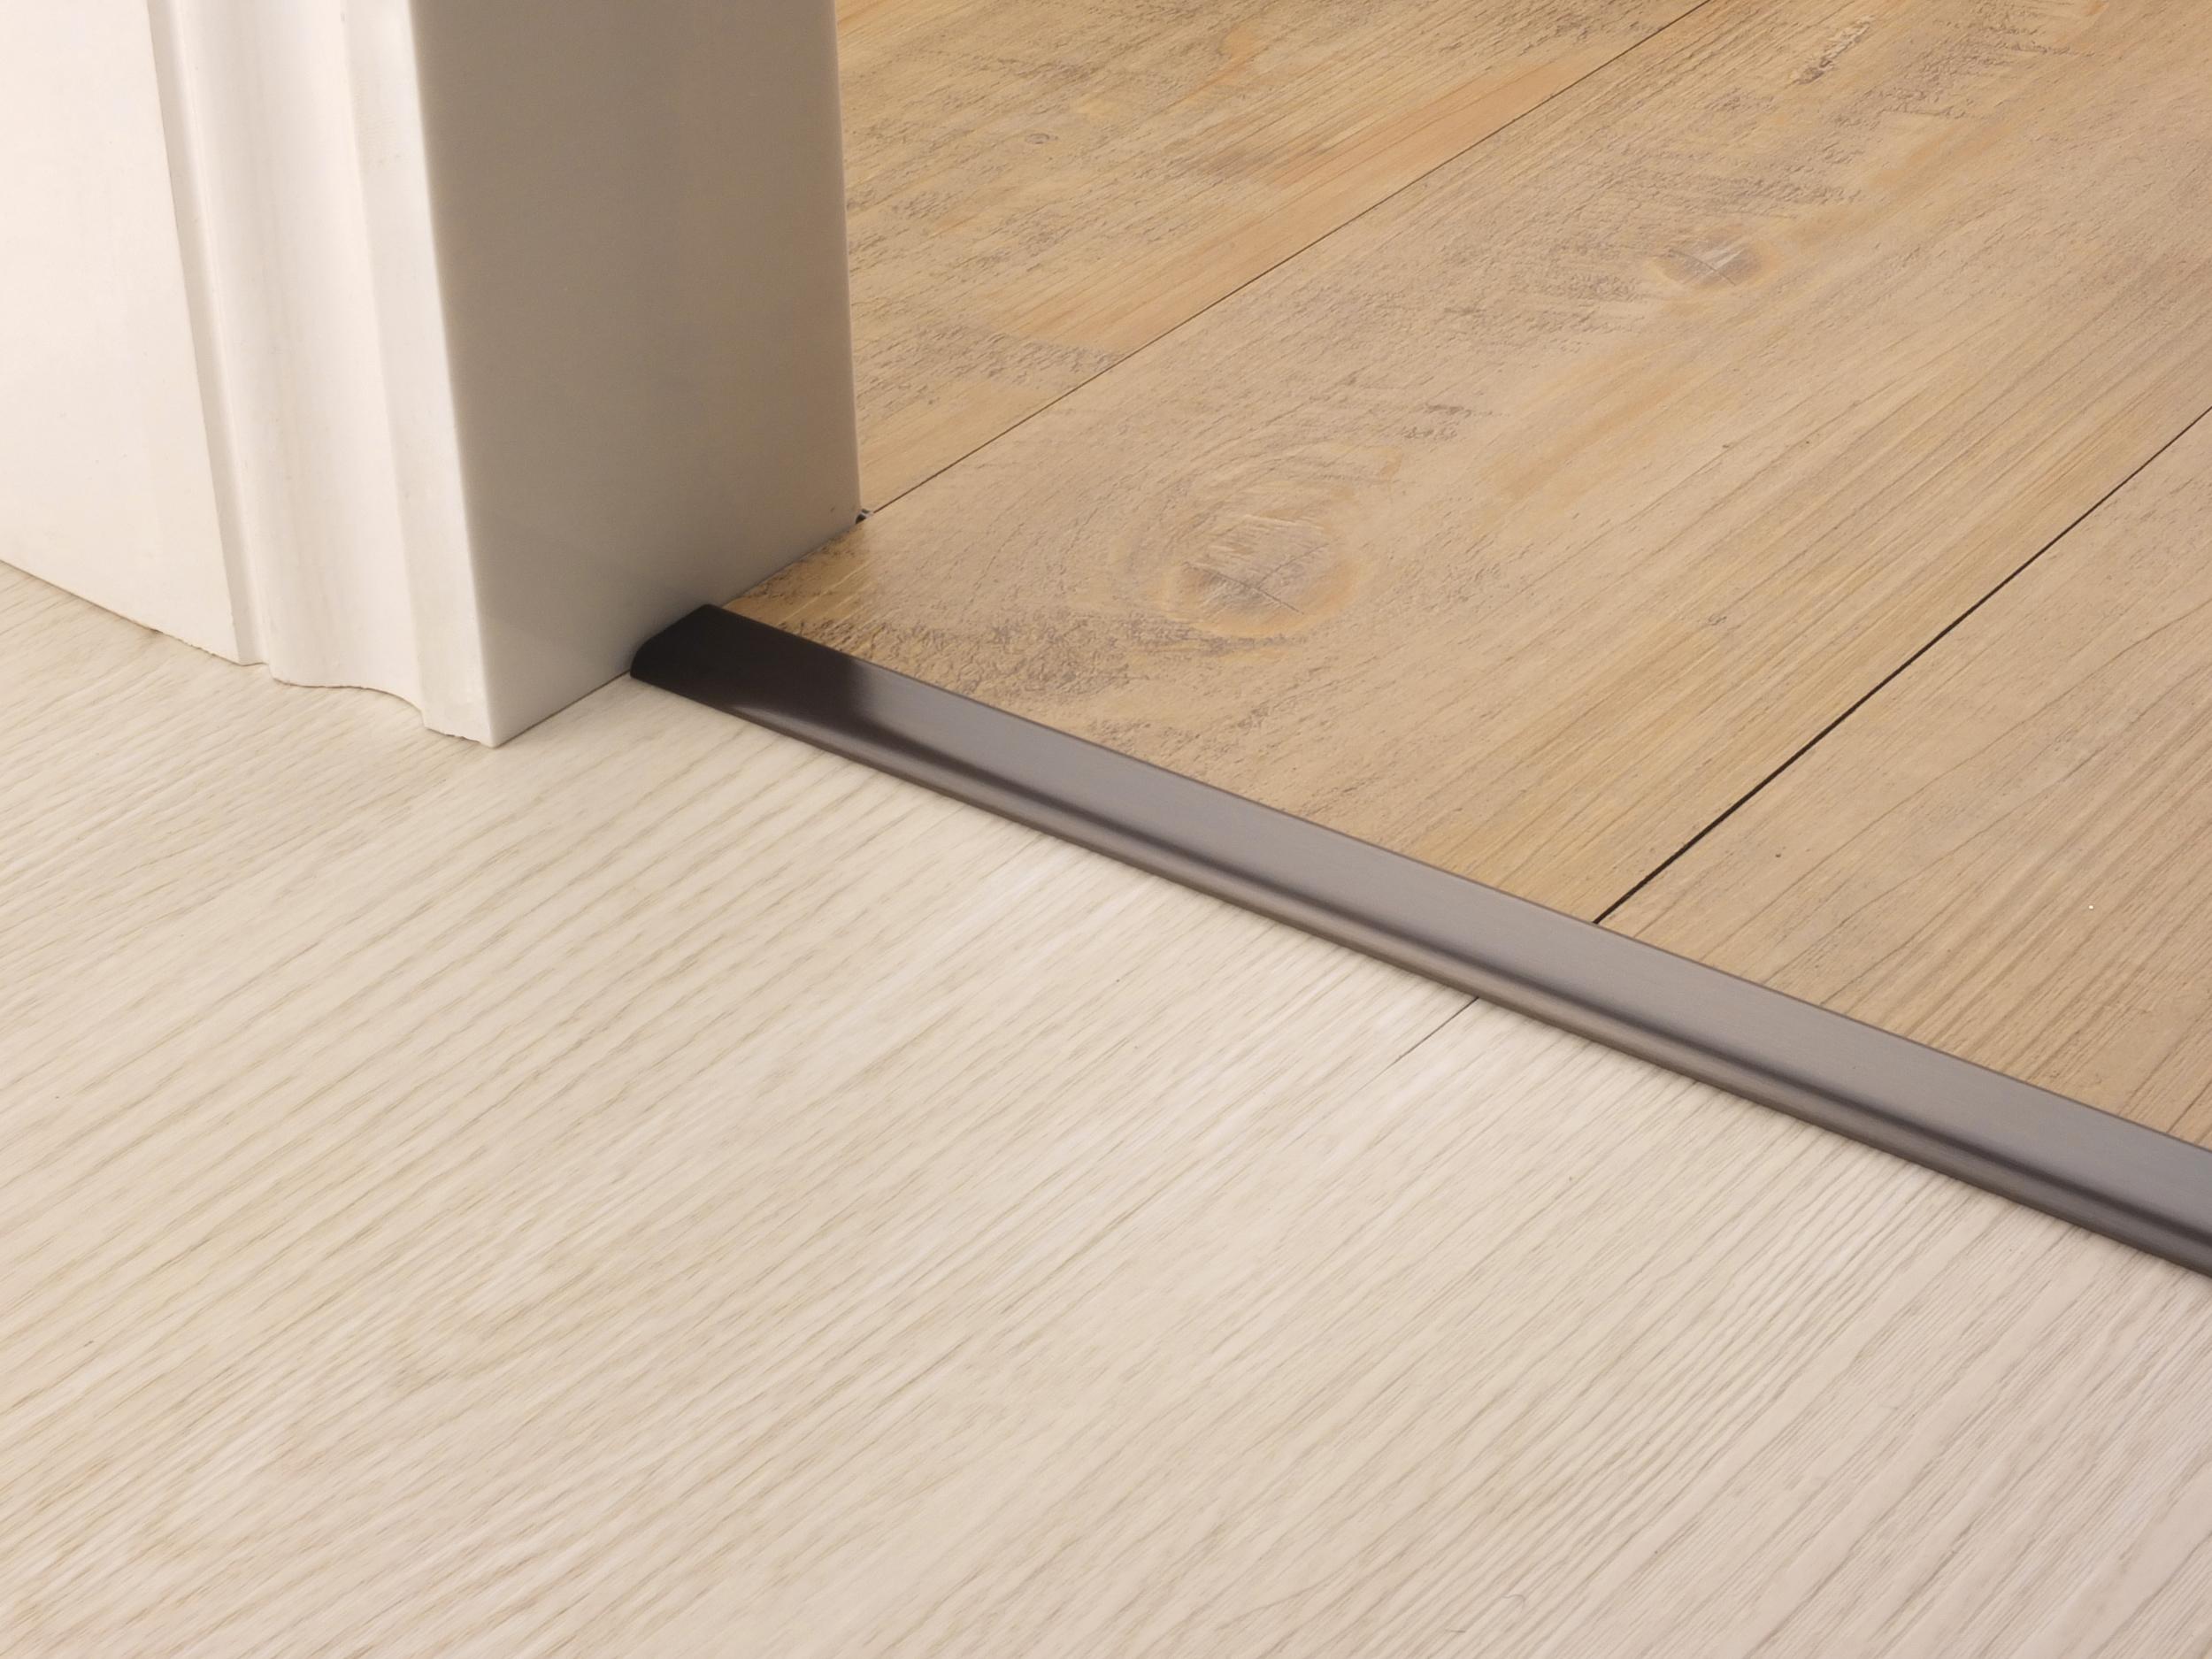 stairrods-doorbar-bronze-vinyl-edge.jpg